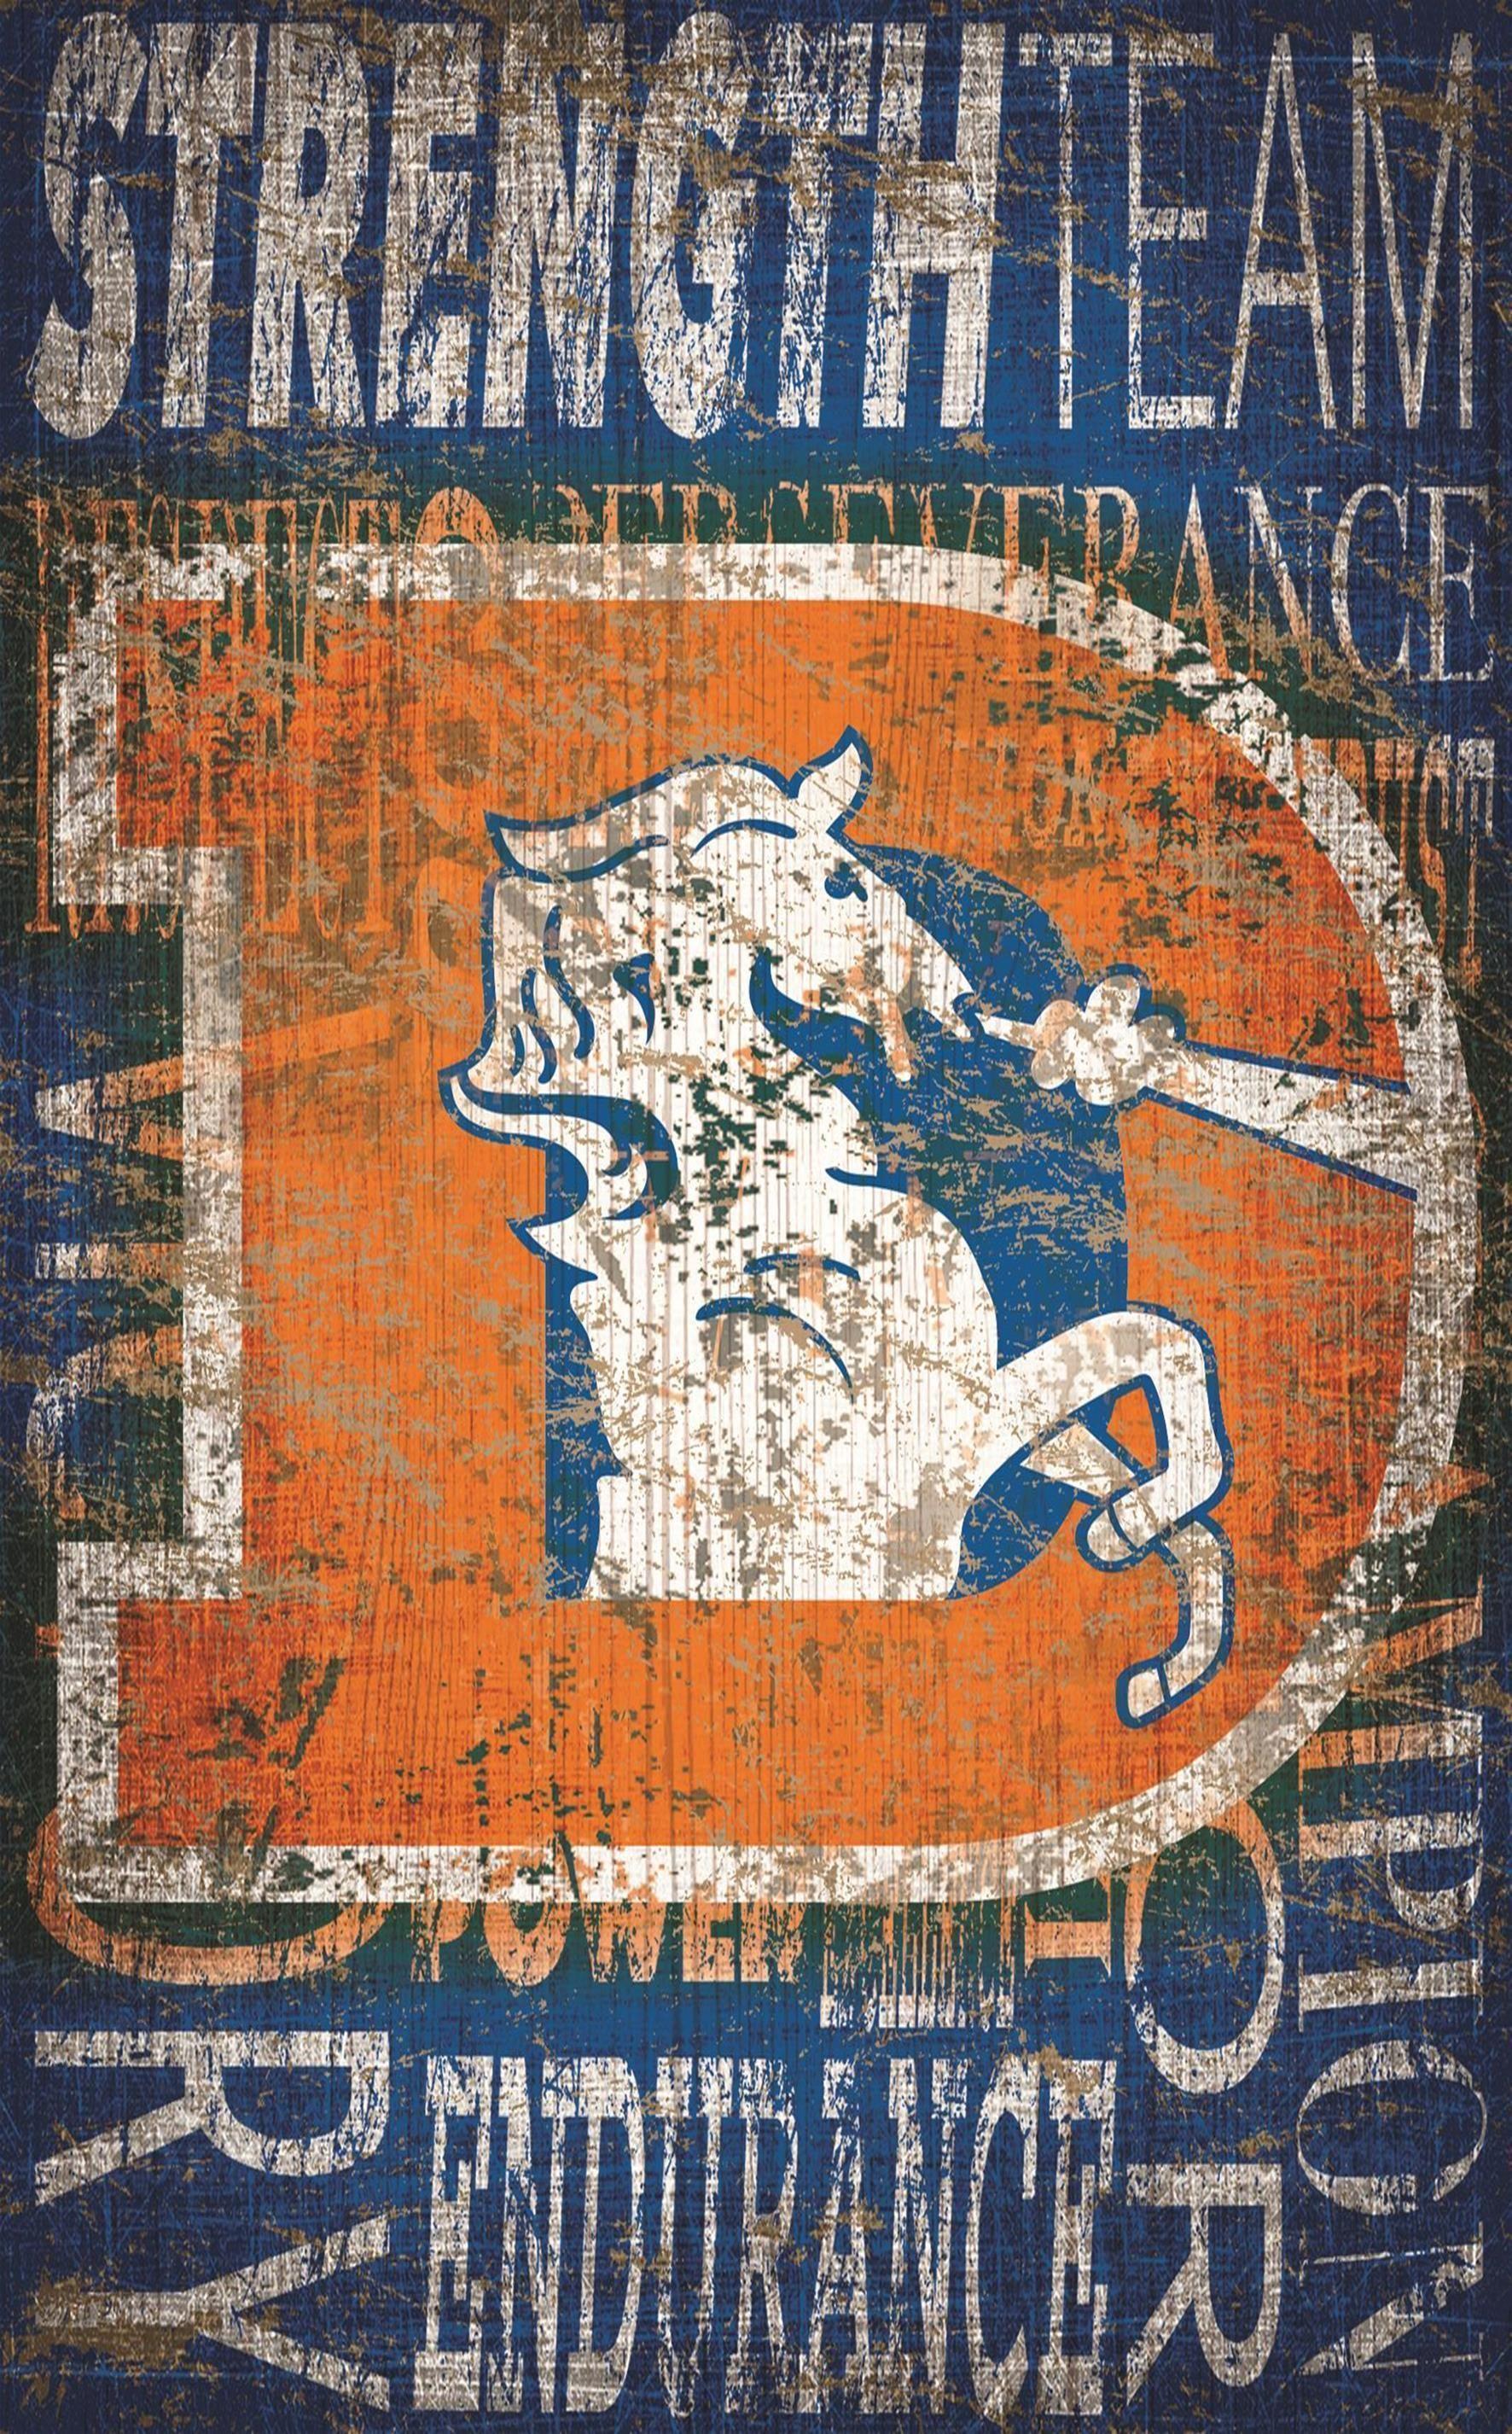 Denver Broncos Heritage Word Collage 11\